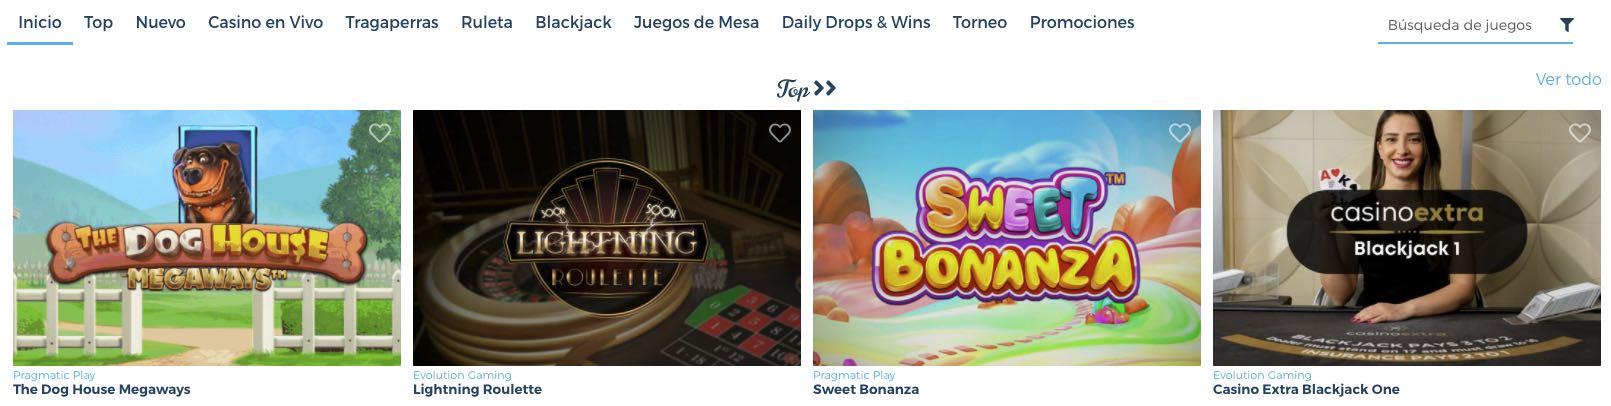 Juegos Casino Estrella